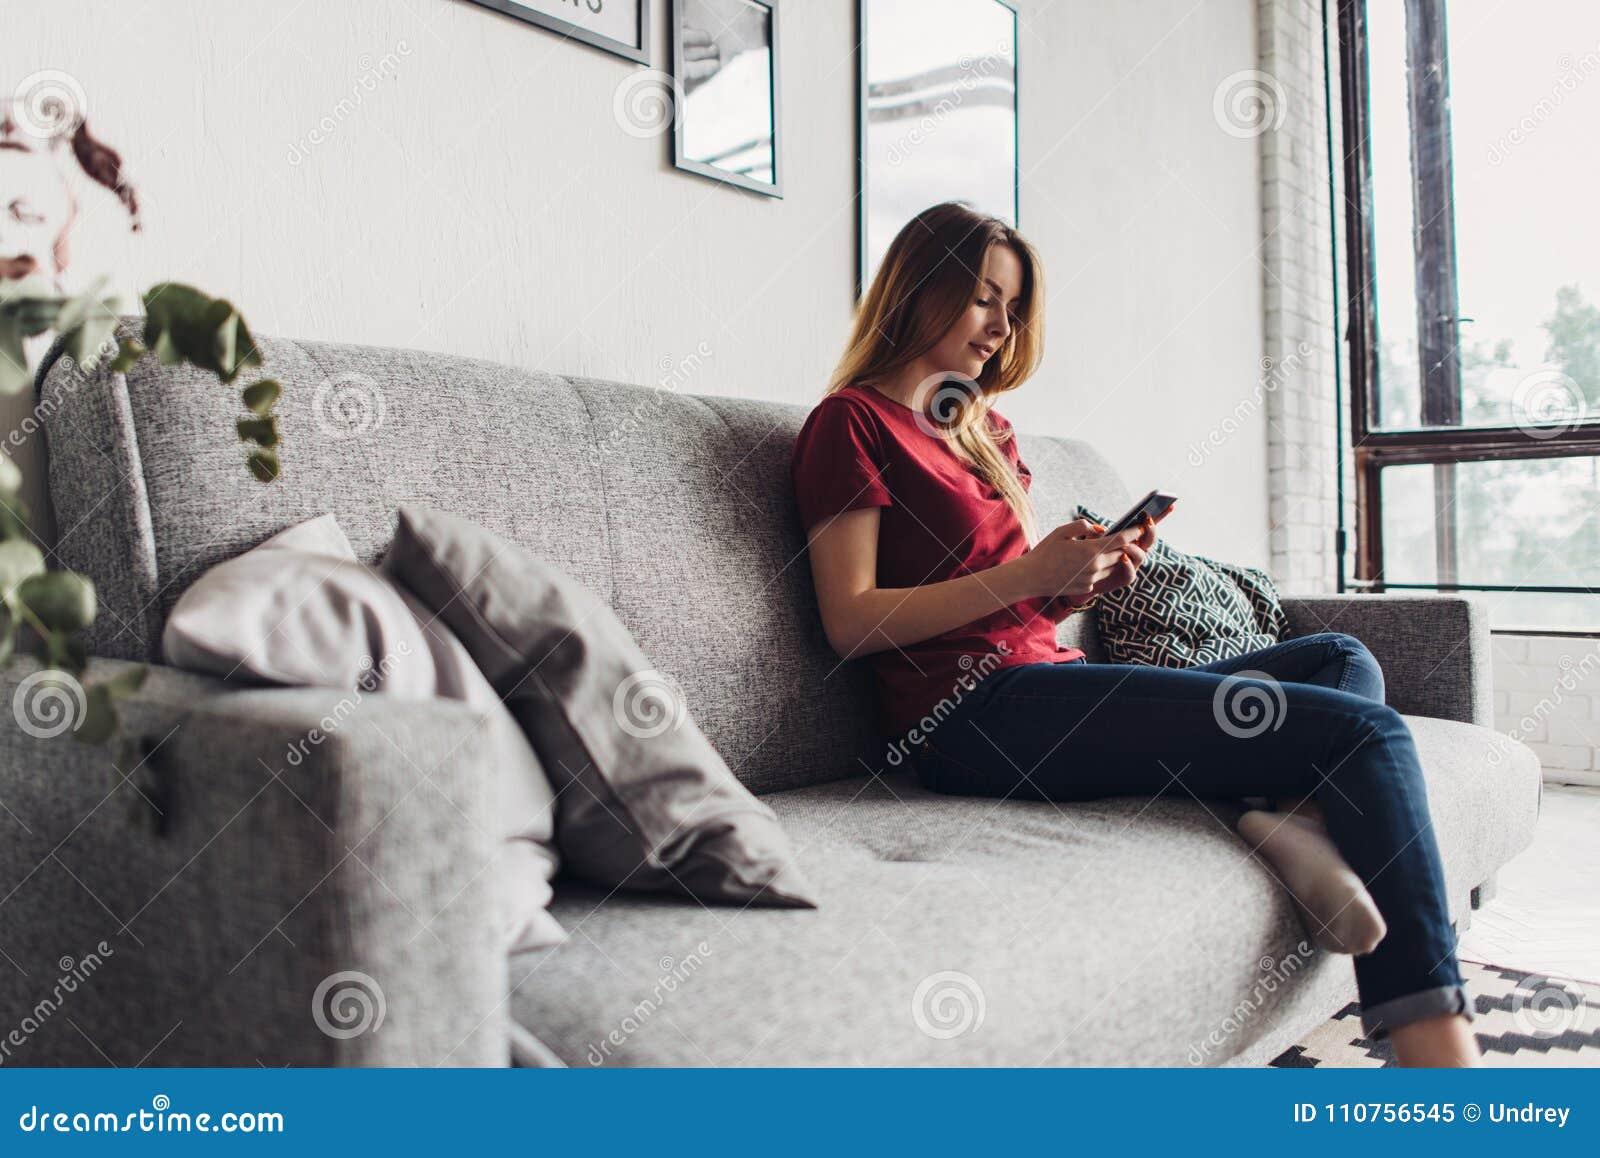 Jonge vrouw die slimme telefoon met behulp van terwijl het ontspannen op laag bij woonkamer